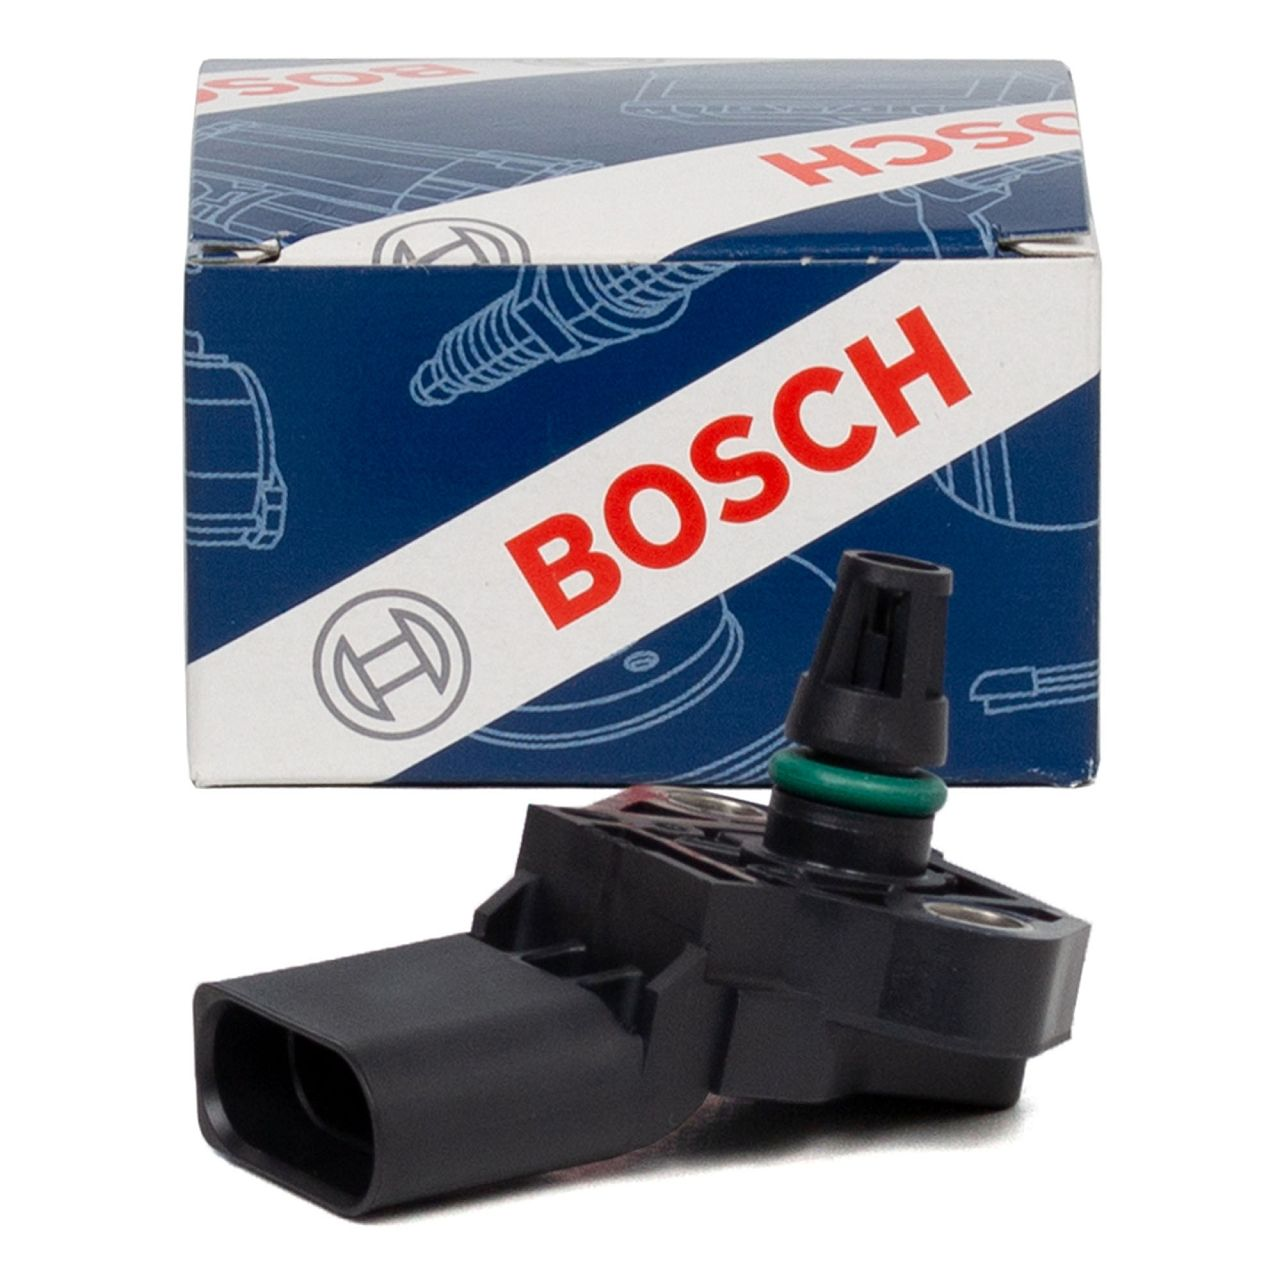 BOSCH 0281002976 Ladedrucksensor AUDI A3 A4 PORSCHE SEAT SKODA VW Golf 6 7